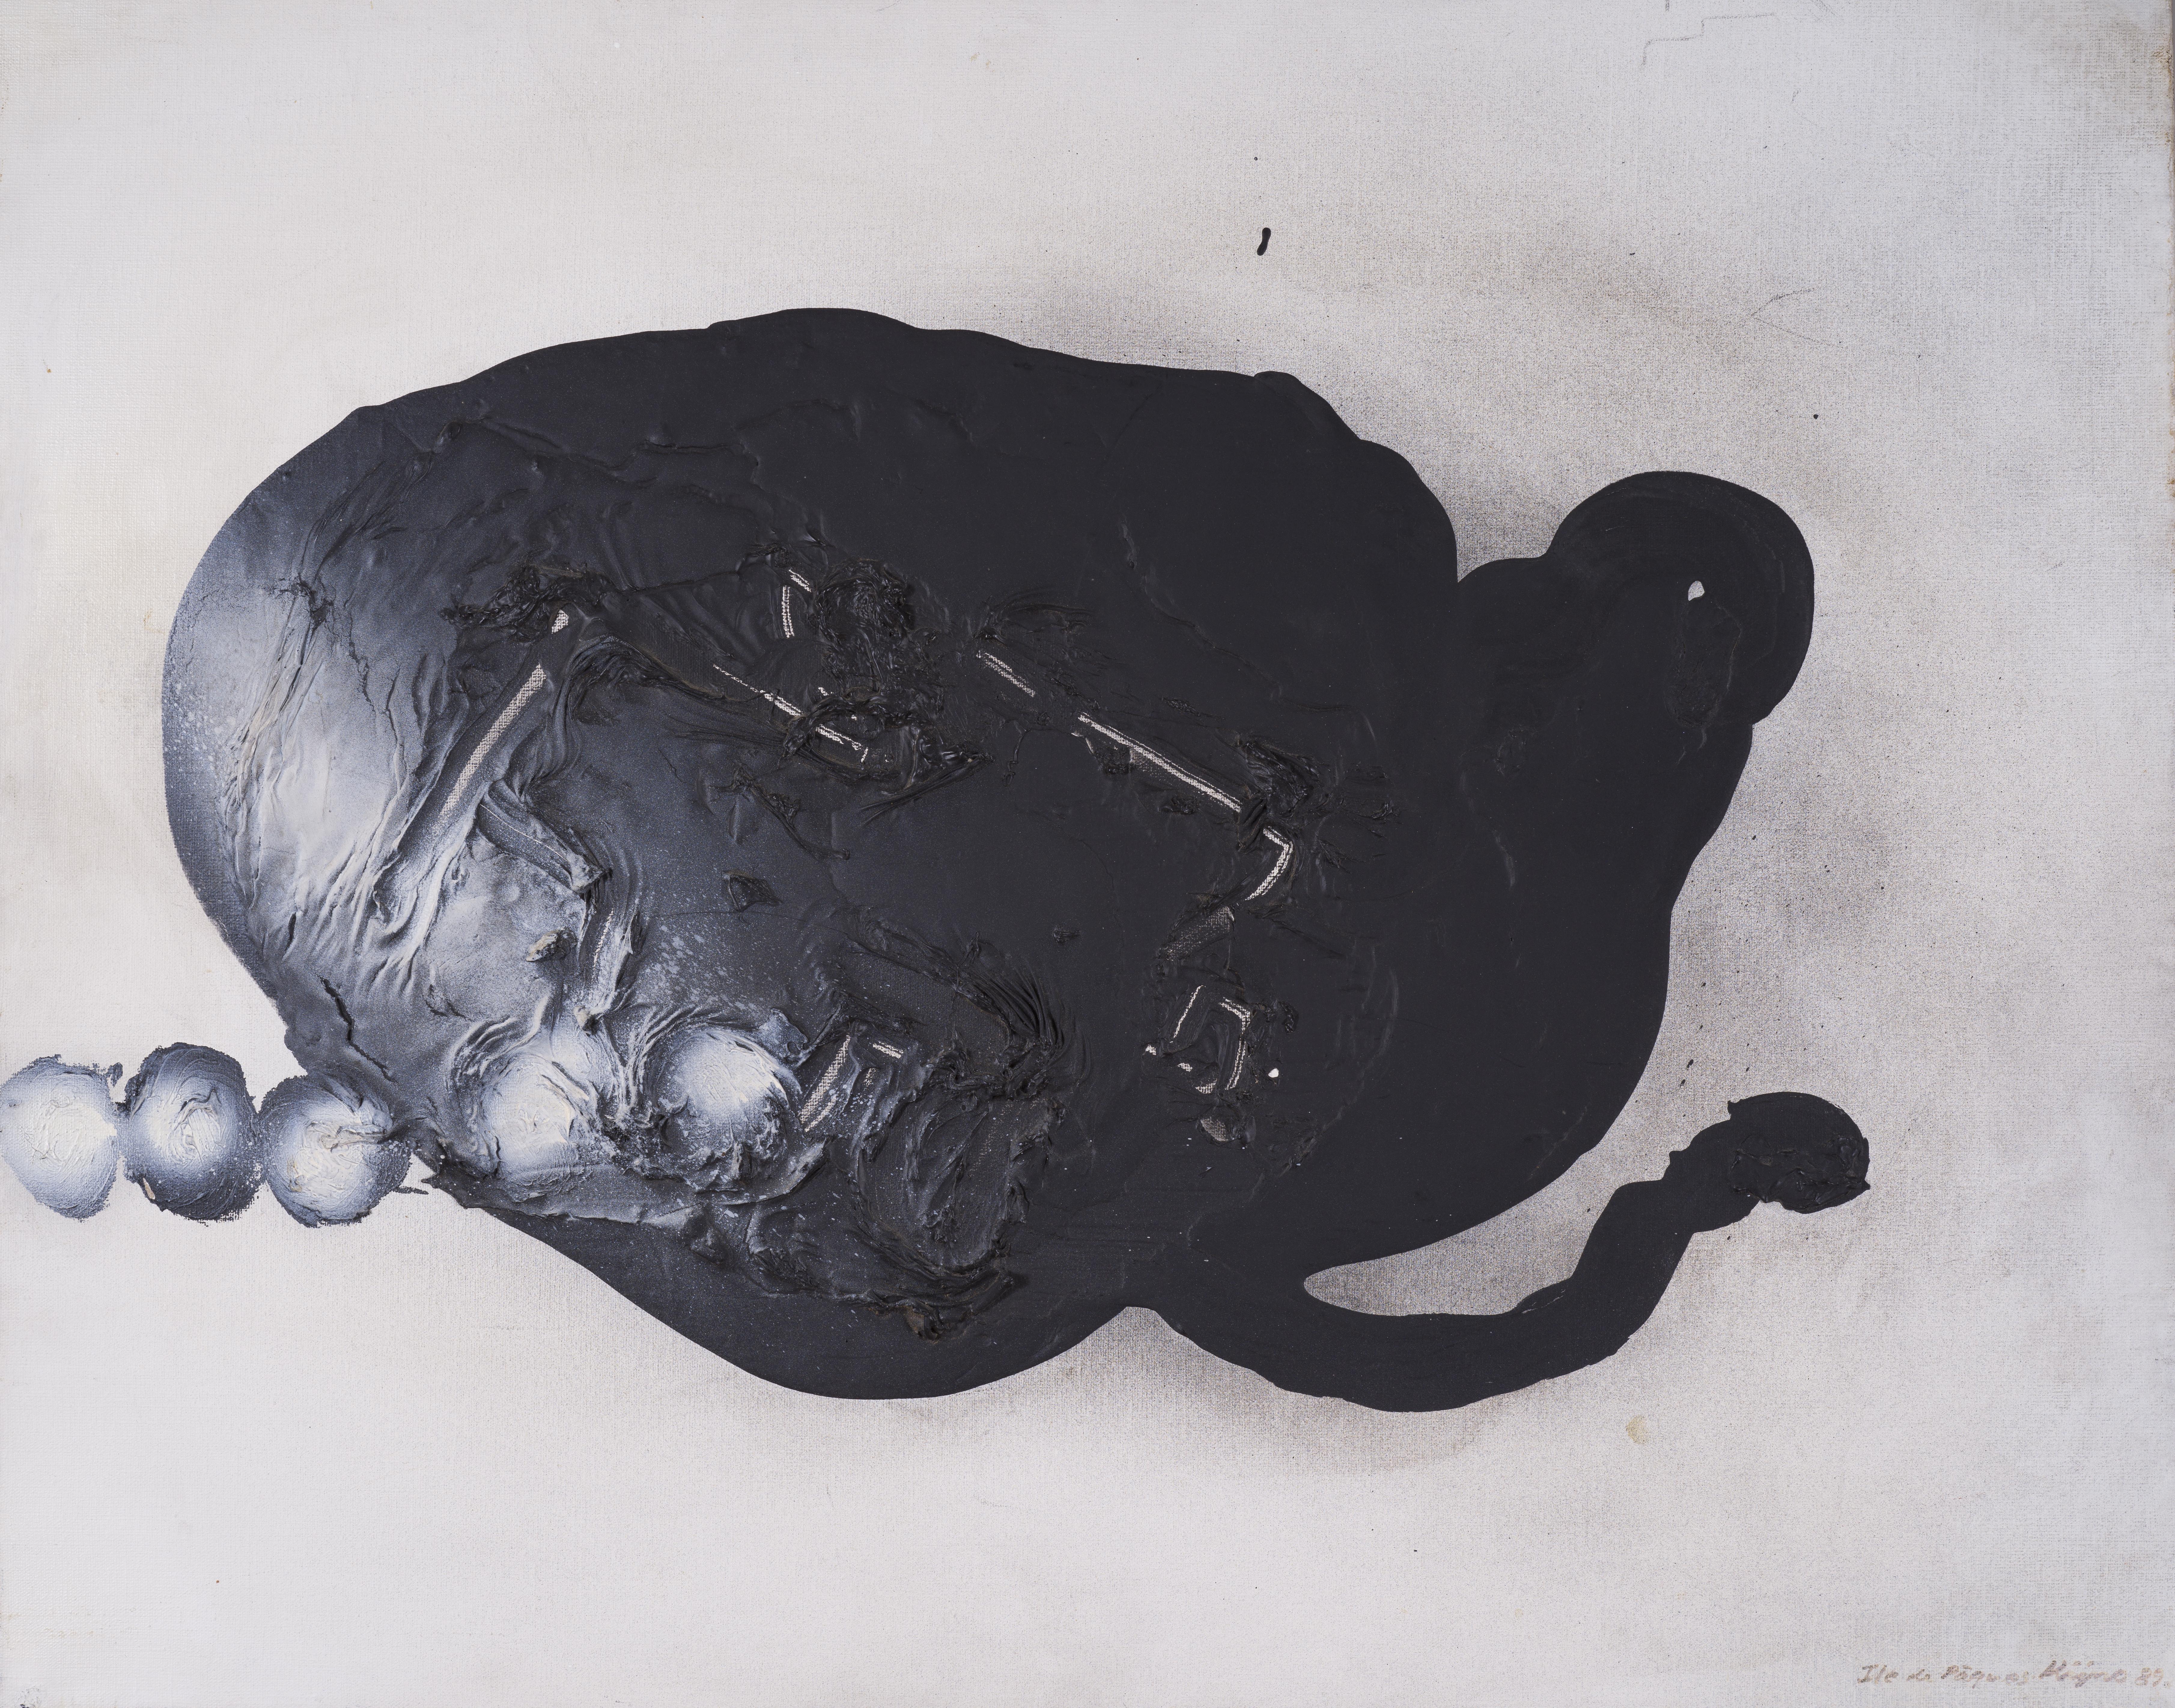 Lot 22 - Ladislas KIJNO (1921-2012) - L'Ile de de Pâques - Acrylique sur toile - Titrée, [...]